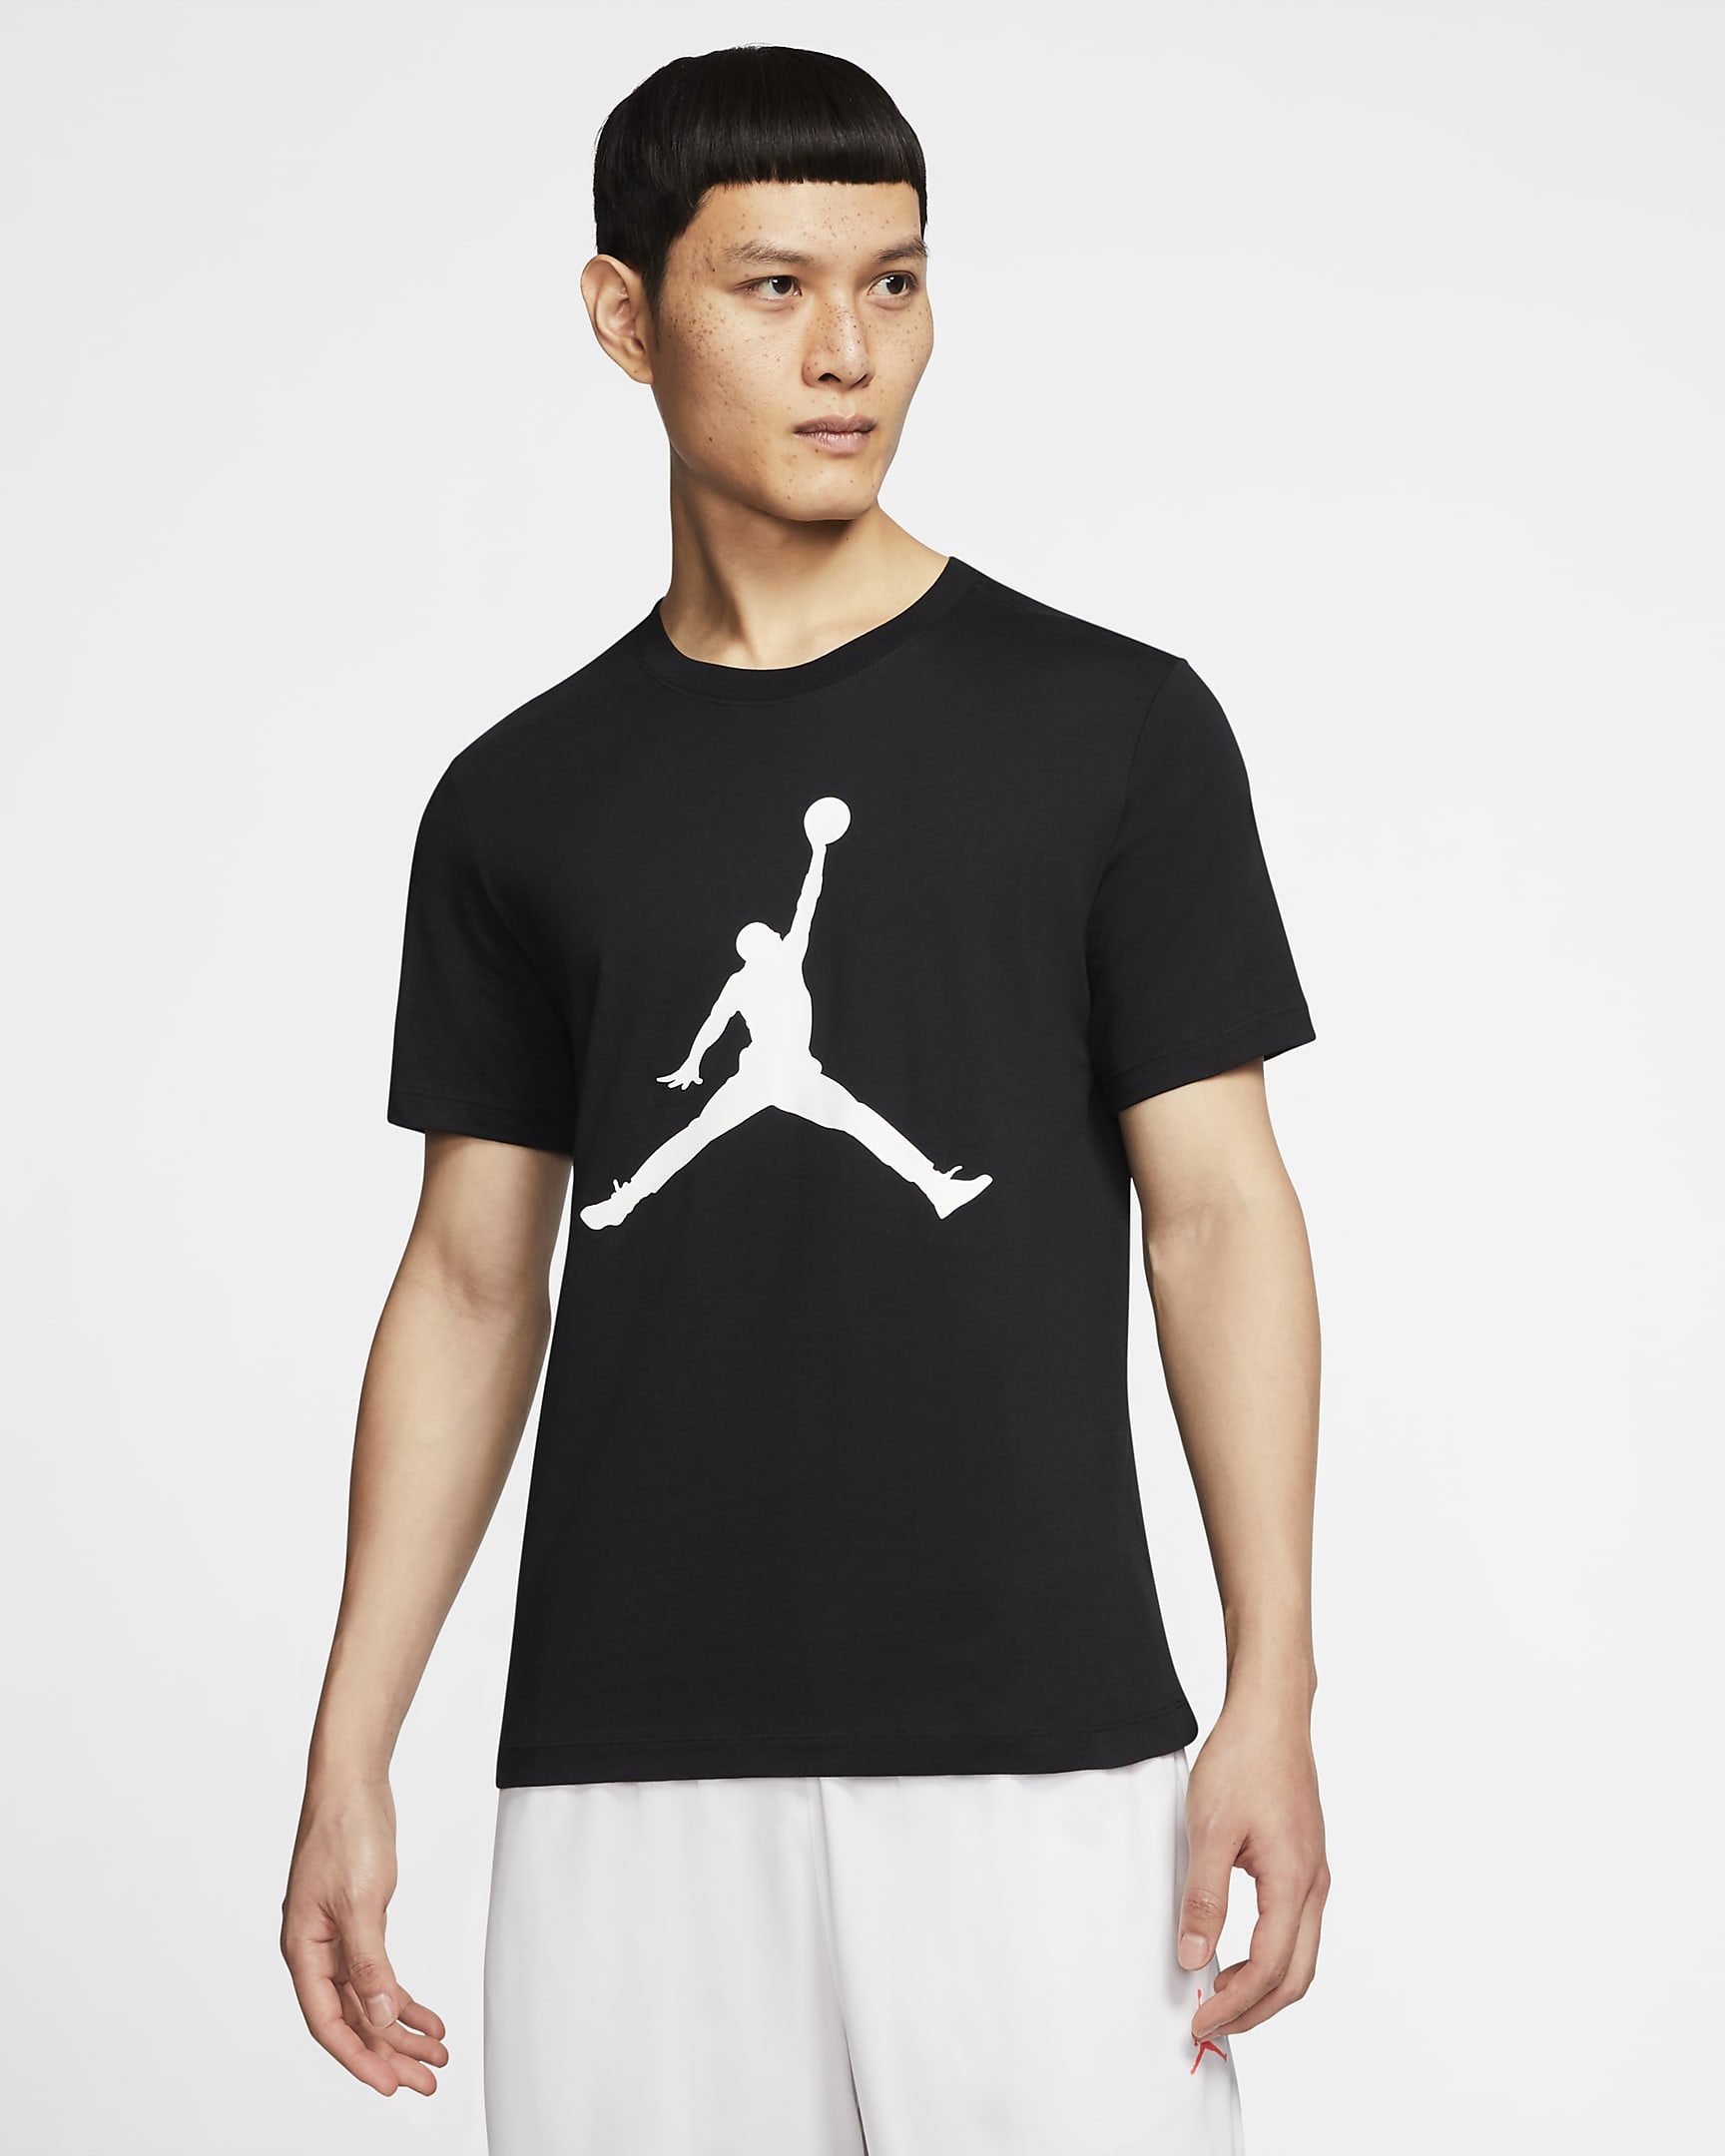 jordan-jumpman-mens-t-shirt-208CL7.png